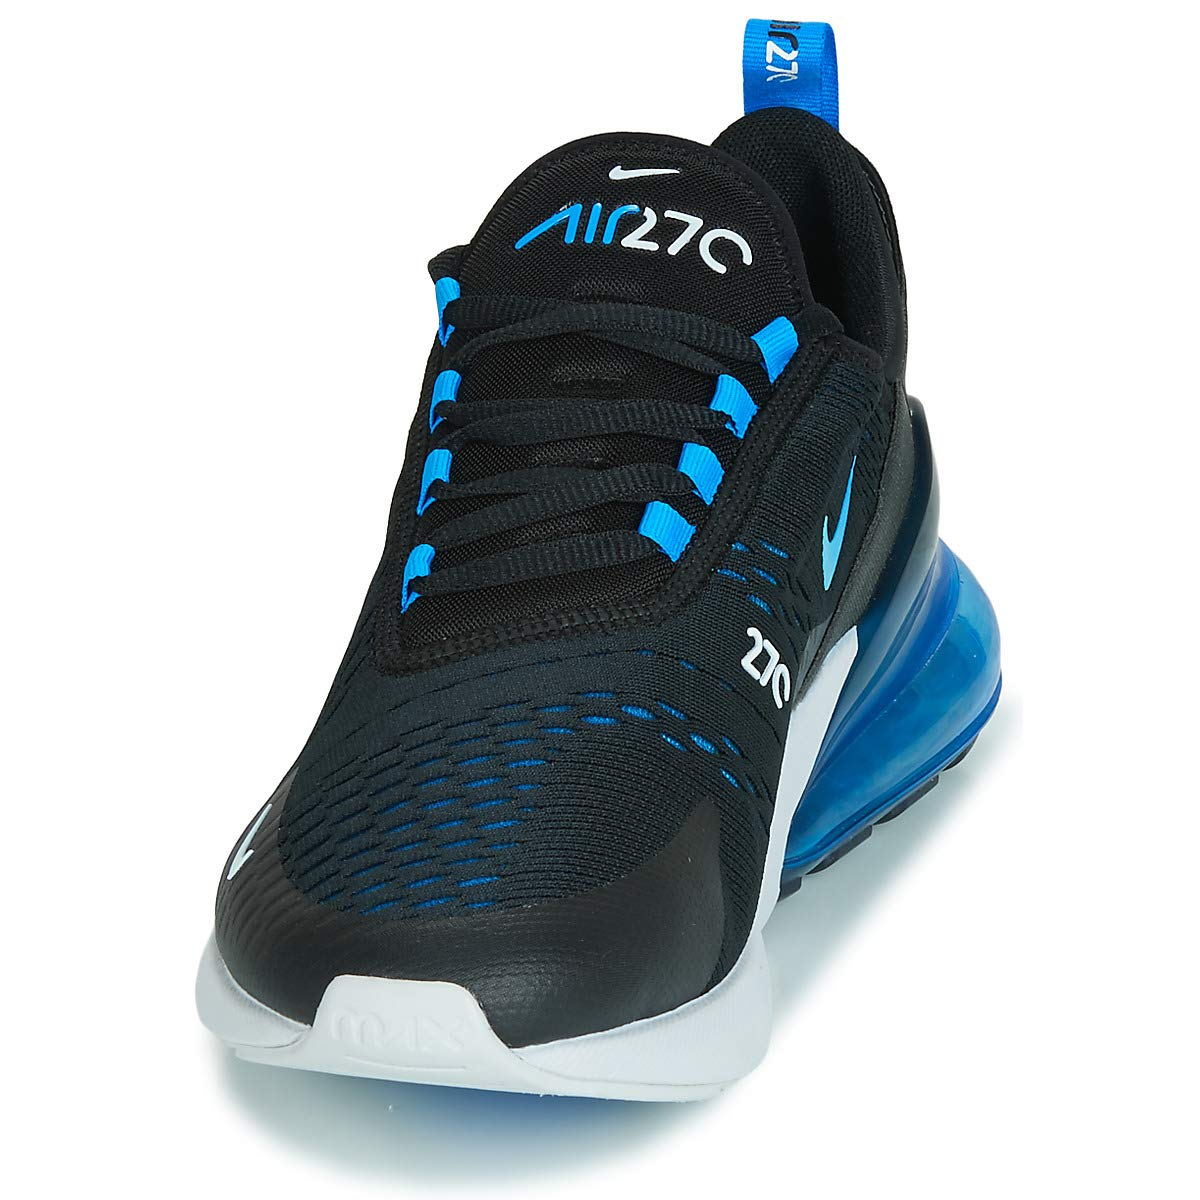 Nike AIR MAX 270 Turnschuhe Herren Schwarz Blau Turnschuhe Turnschuhe Turnschuhe Low a42123